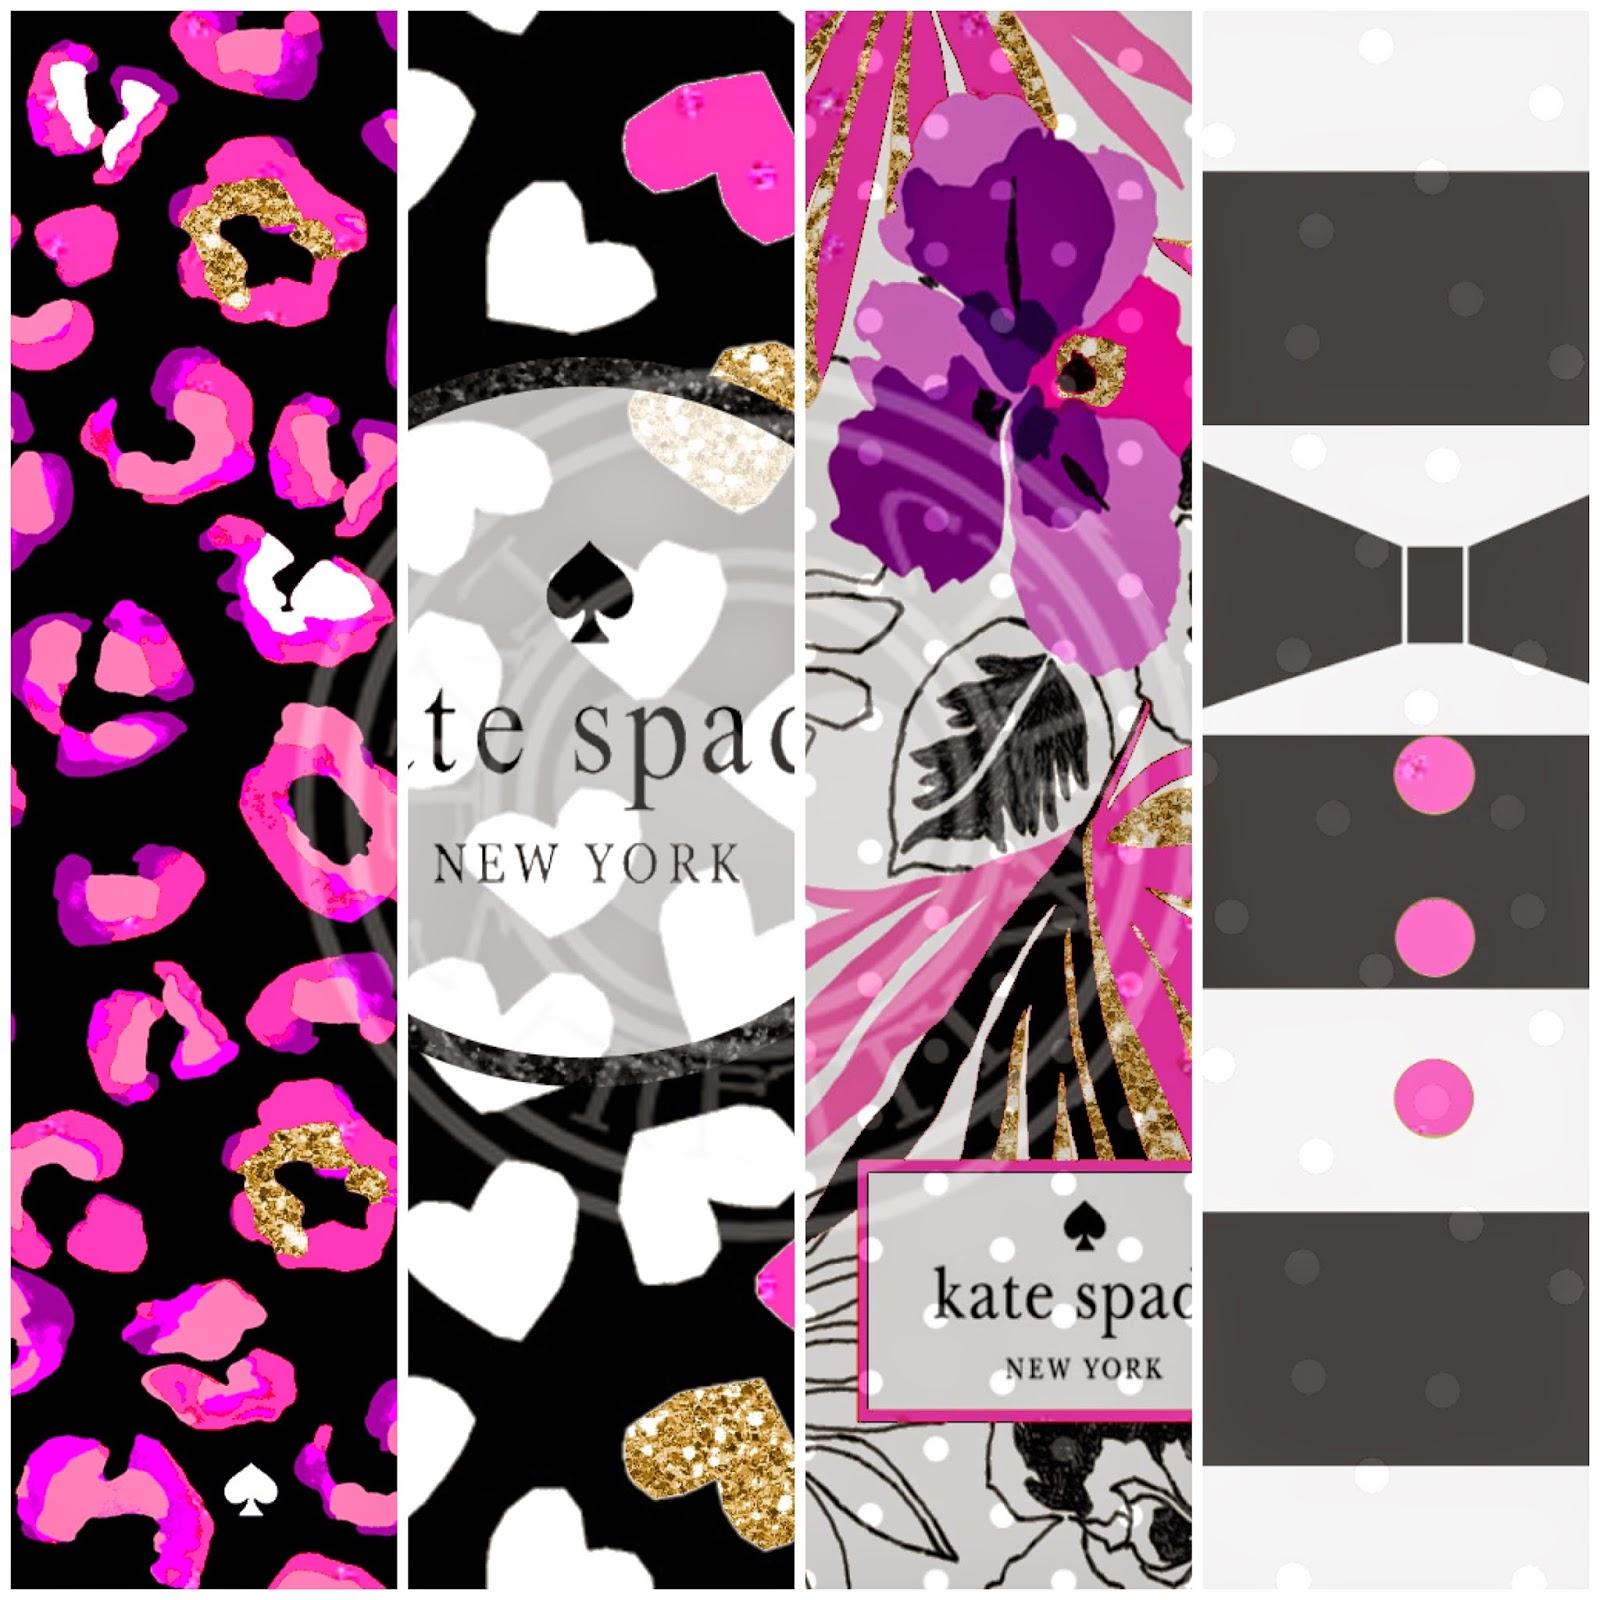 Pretty Walls Ipad Mini Kate Spade 4 Piece Wallpaper Set